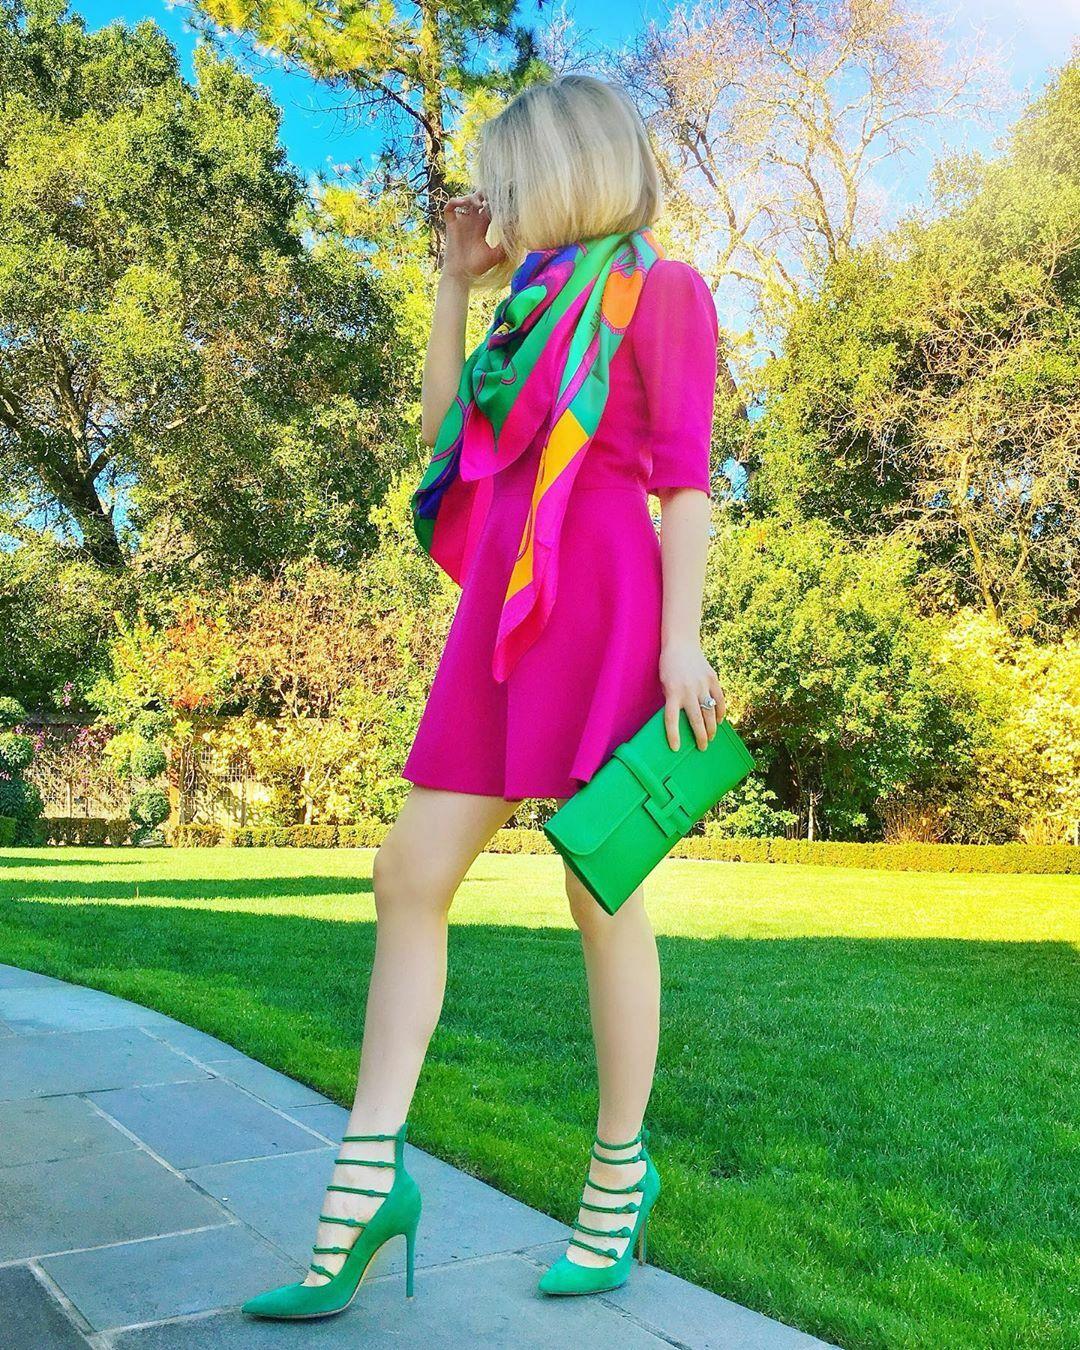 Cuộc sống là một cuộc phiêu lưu táo bạo hoặc không có gì cả. Hellen Keller ... mặc váy @dolcegabbana ly hợp và khăn choàng @hermes giày @gianvitorossi.